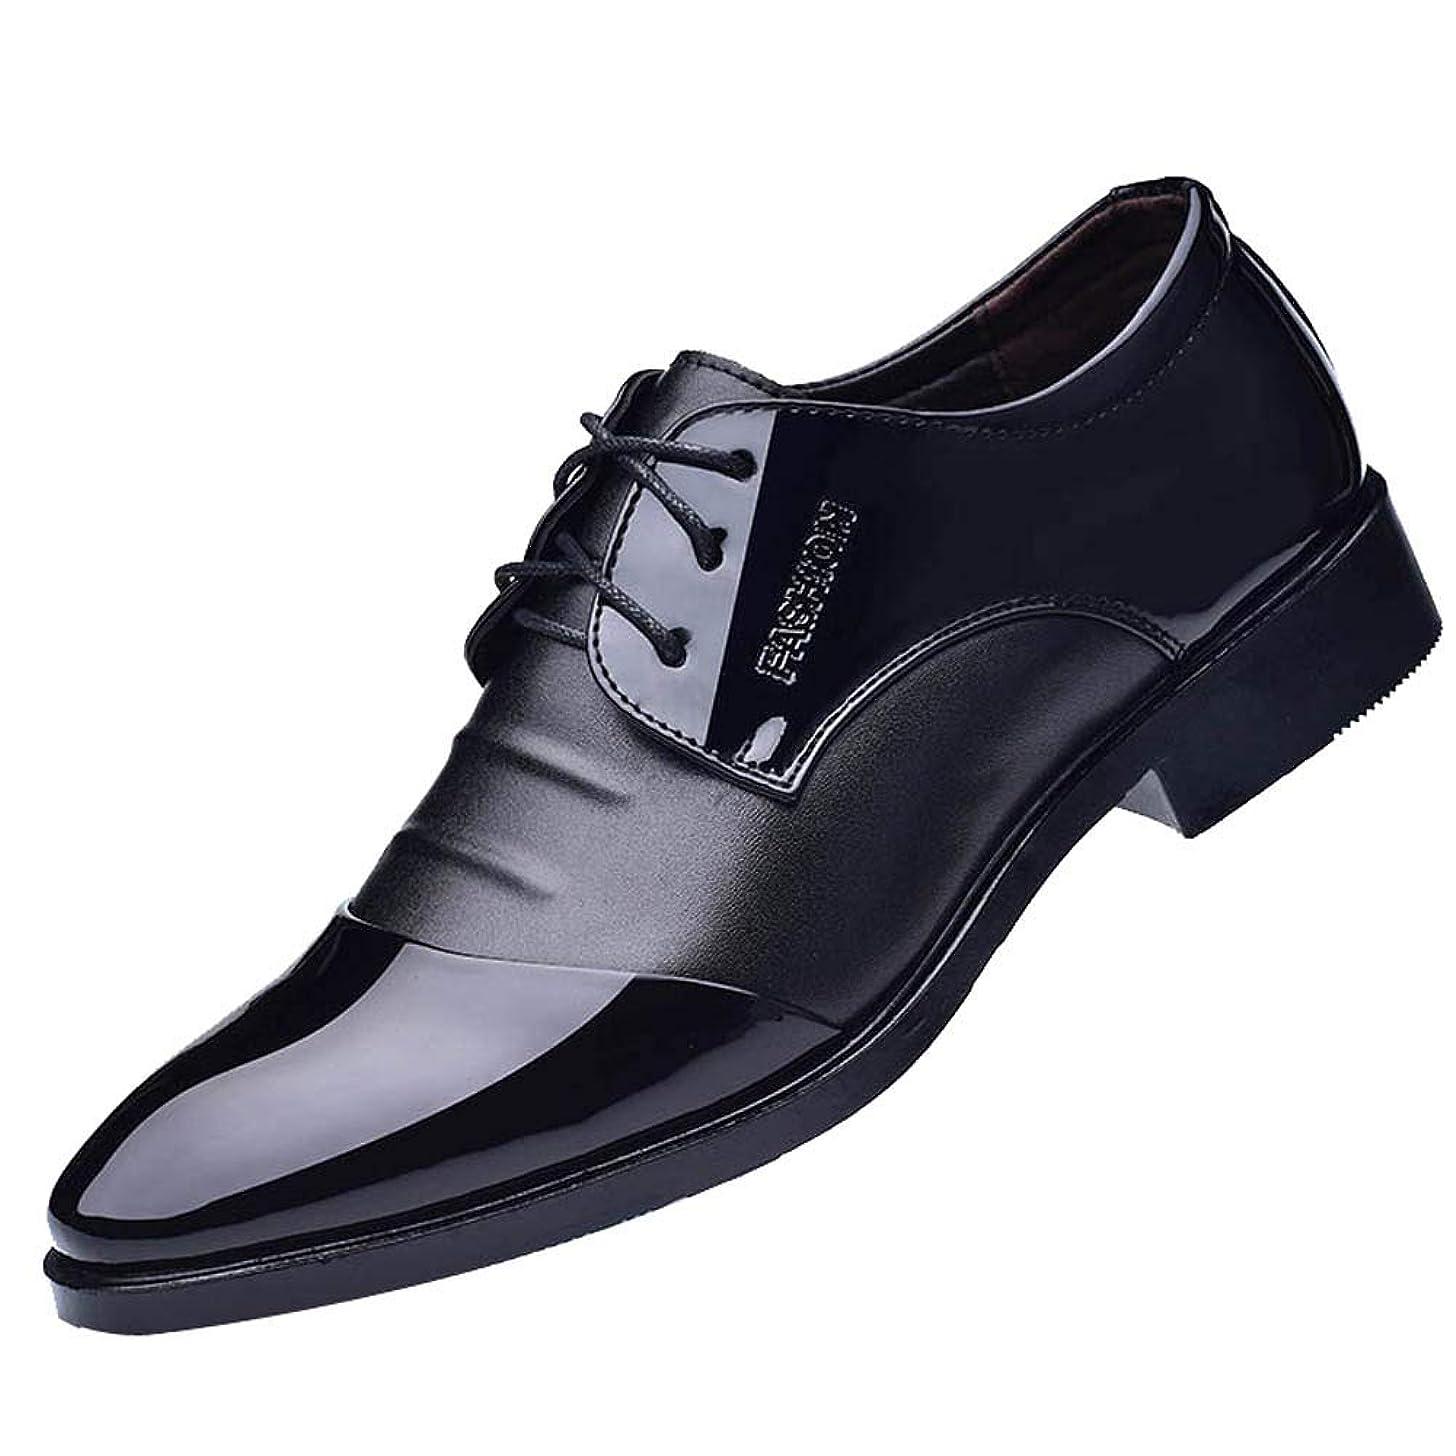 Fheaven (TM) Winter Boots Men's Dress Shoes Patchwork Cap Toe Lace up Leather Shoes